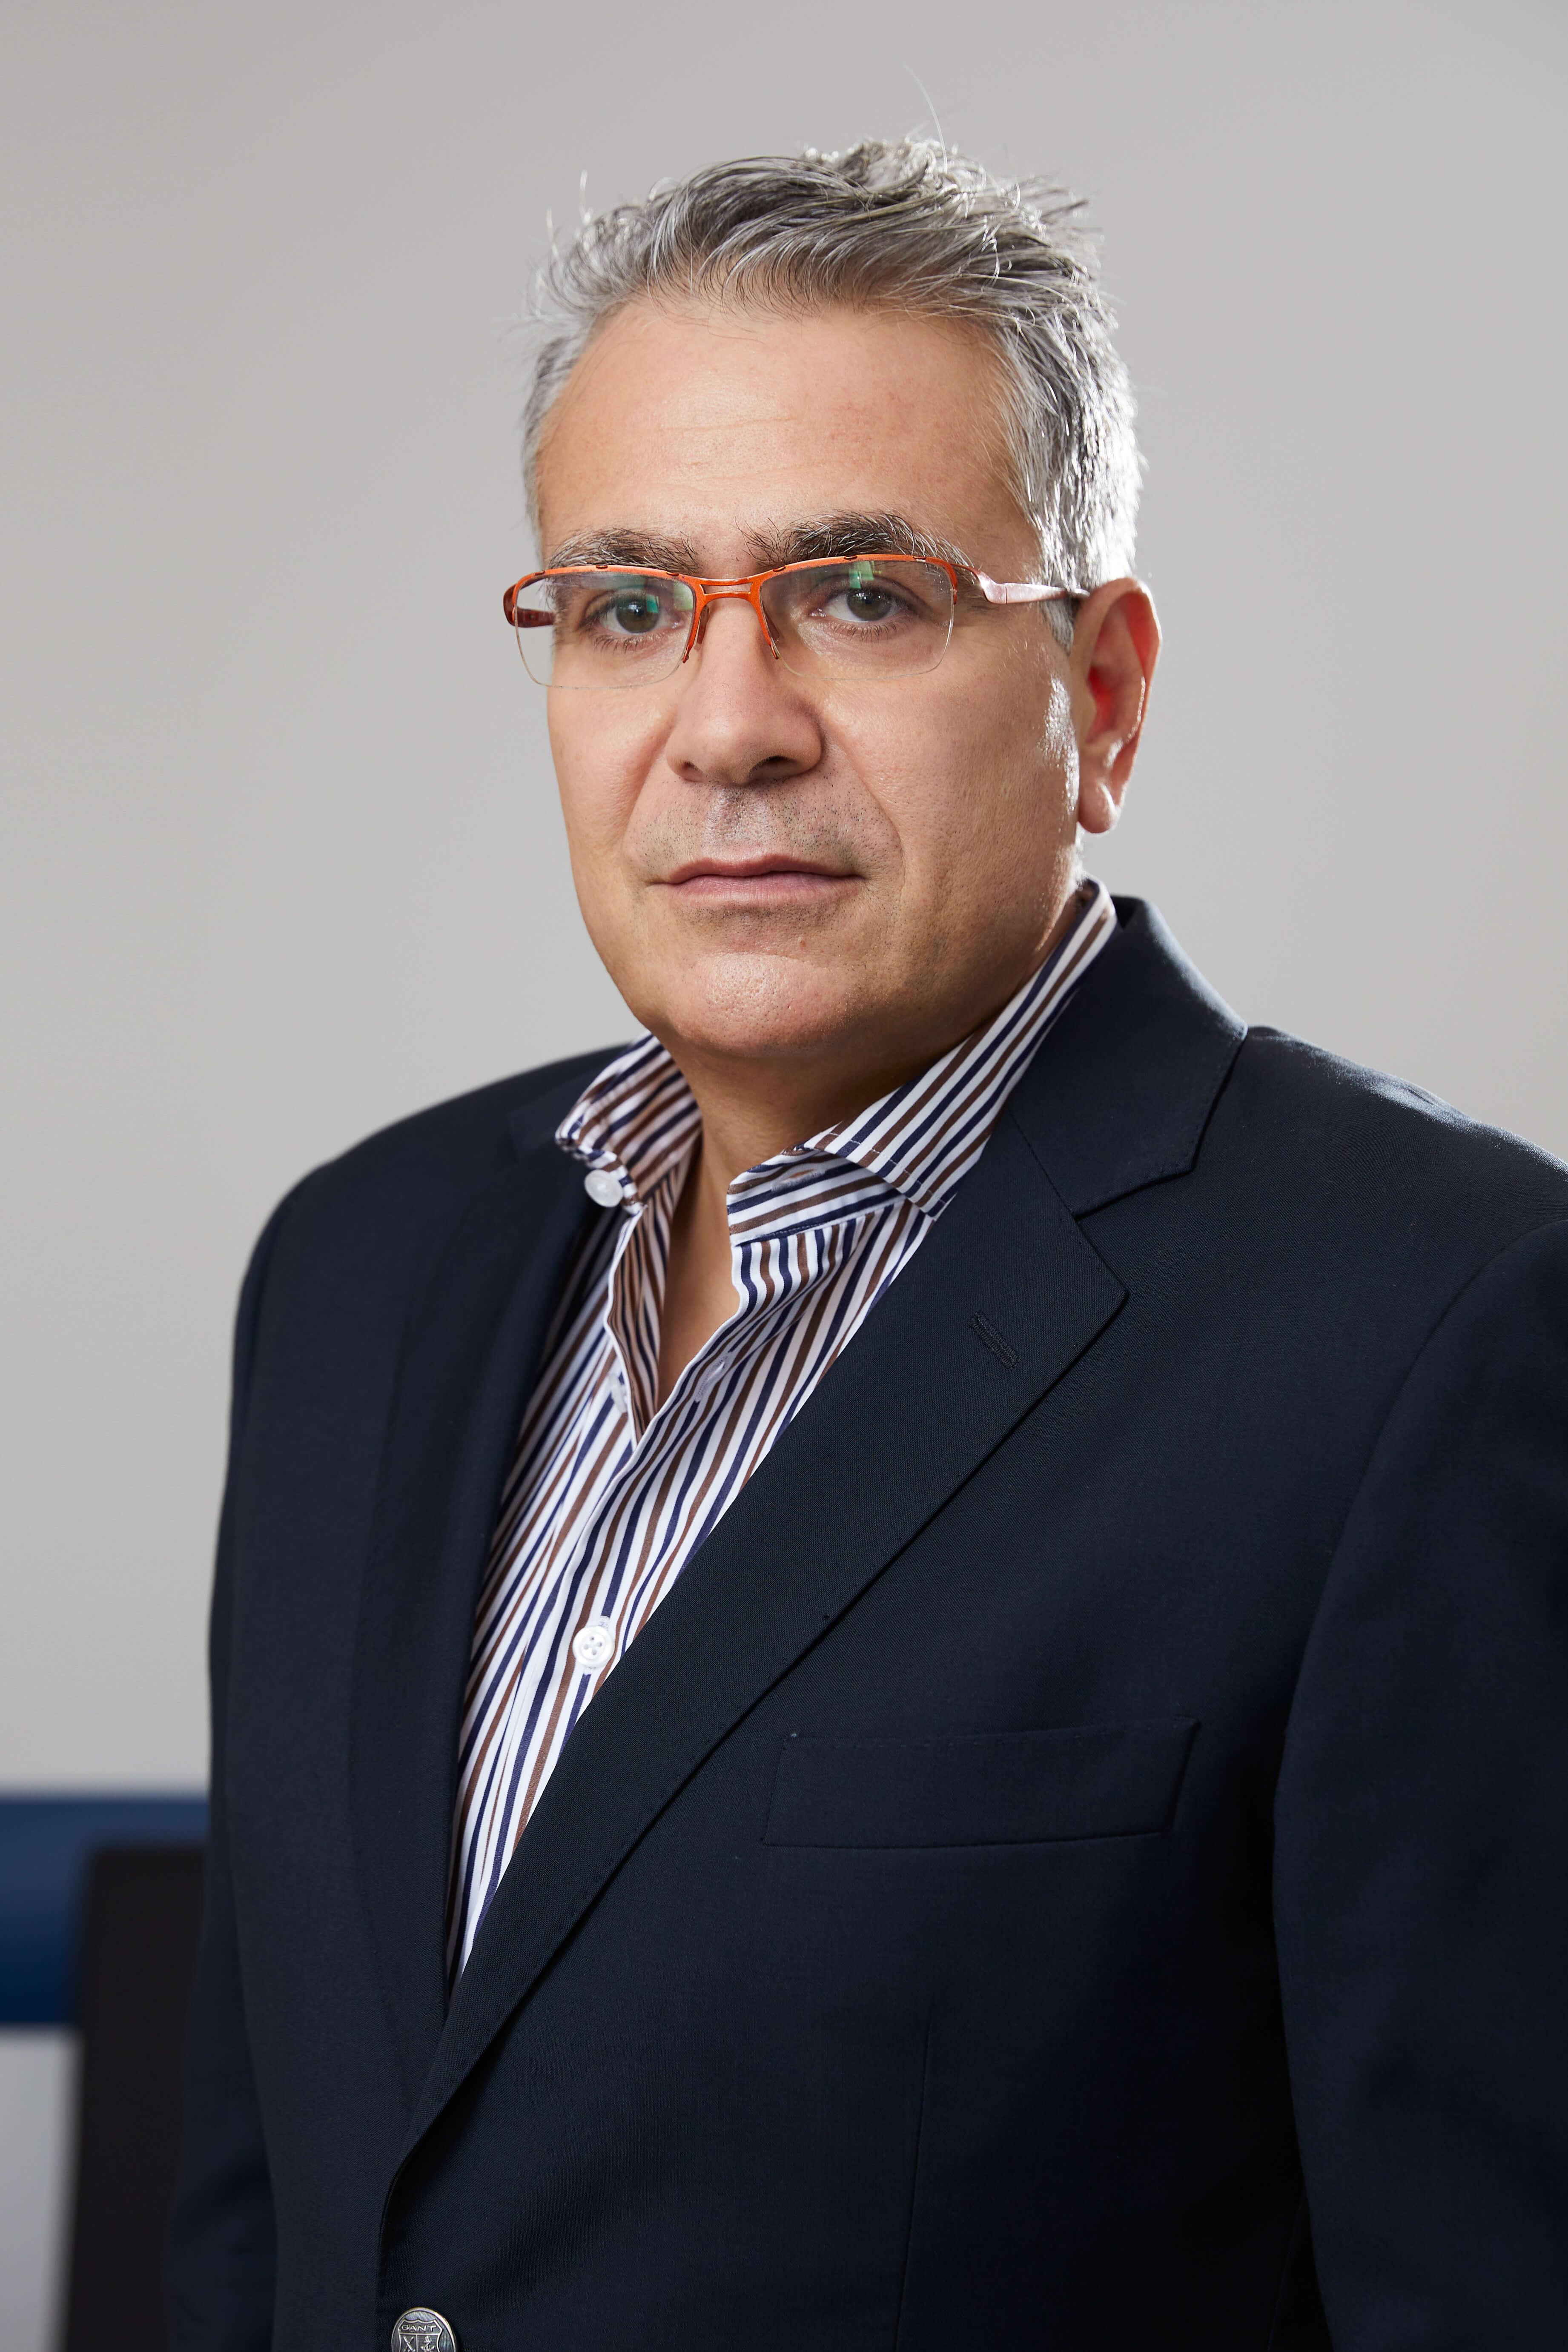 Σμαρόπουλος